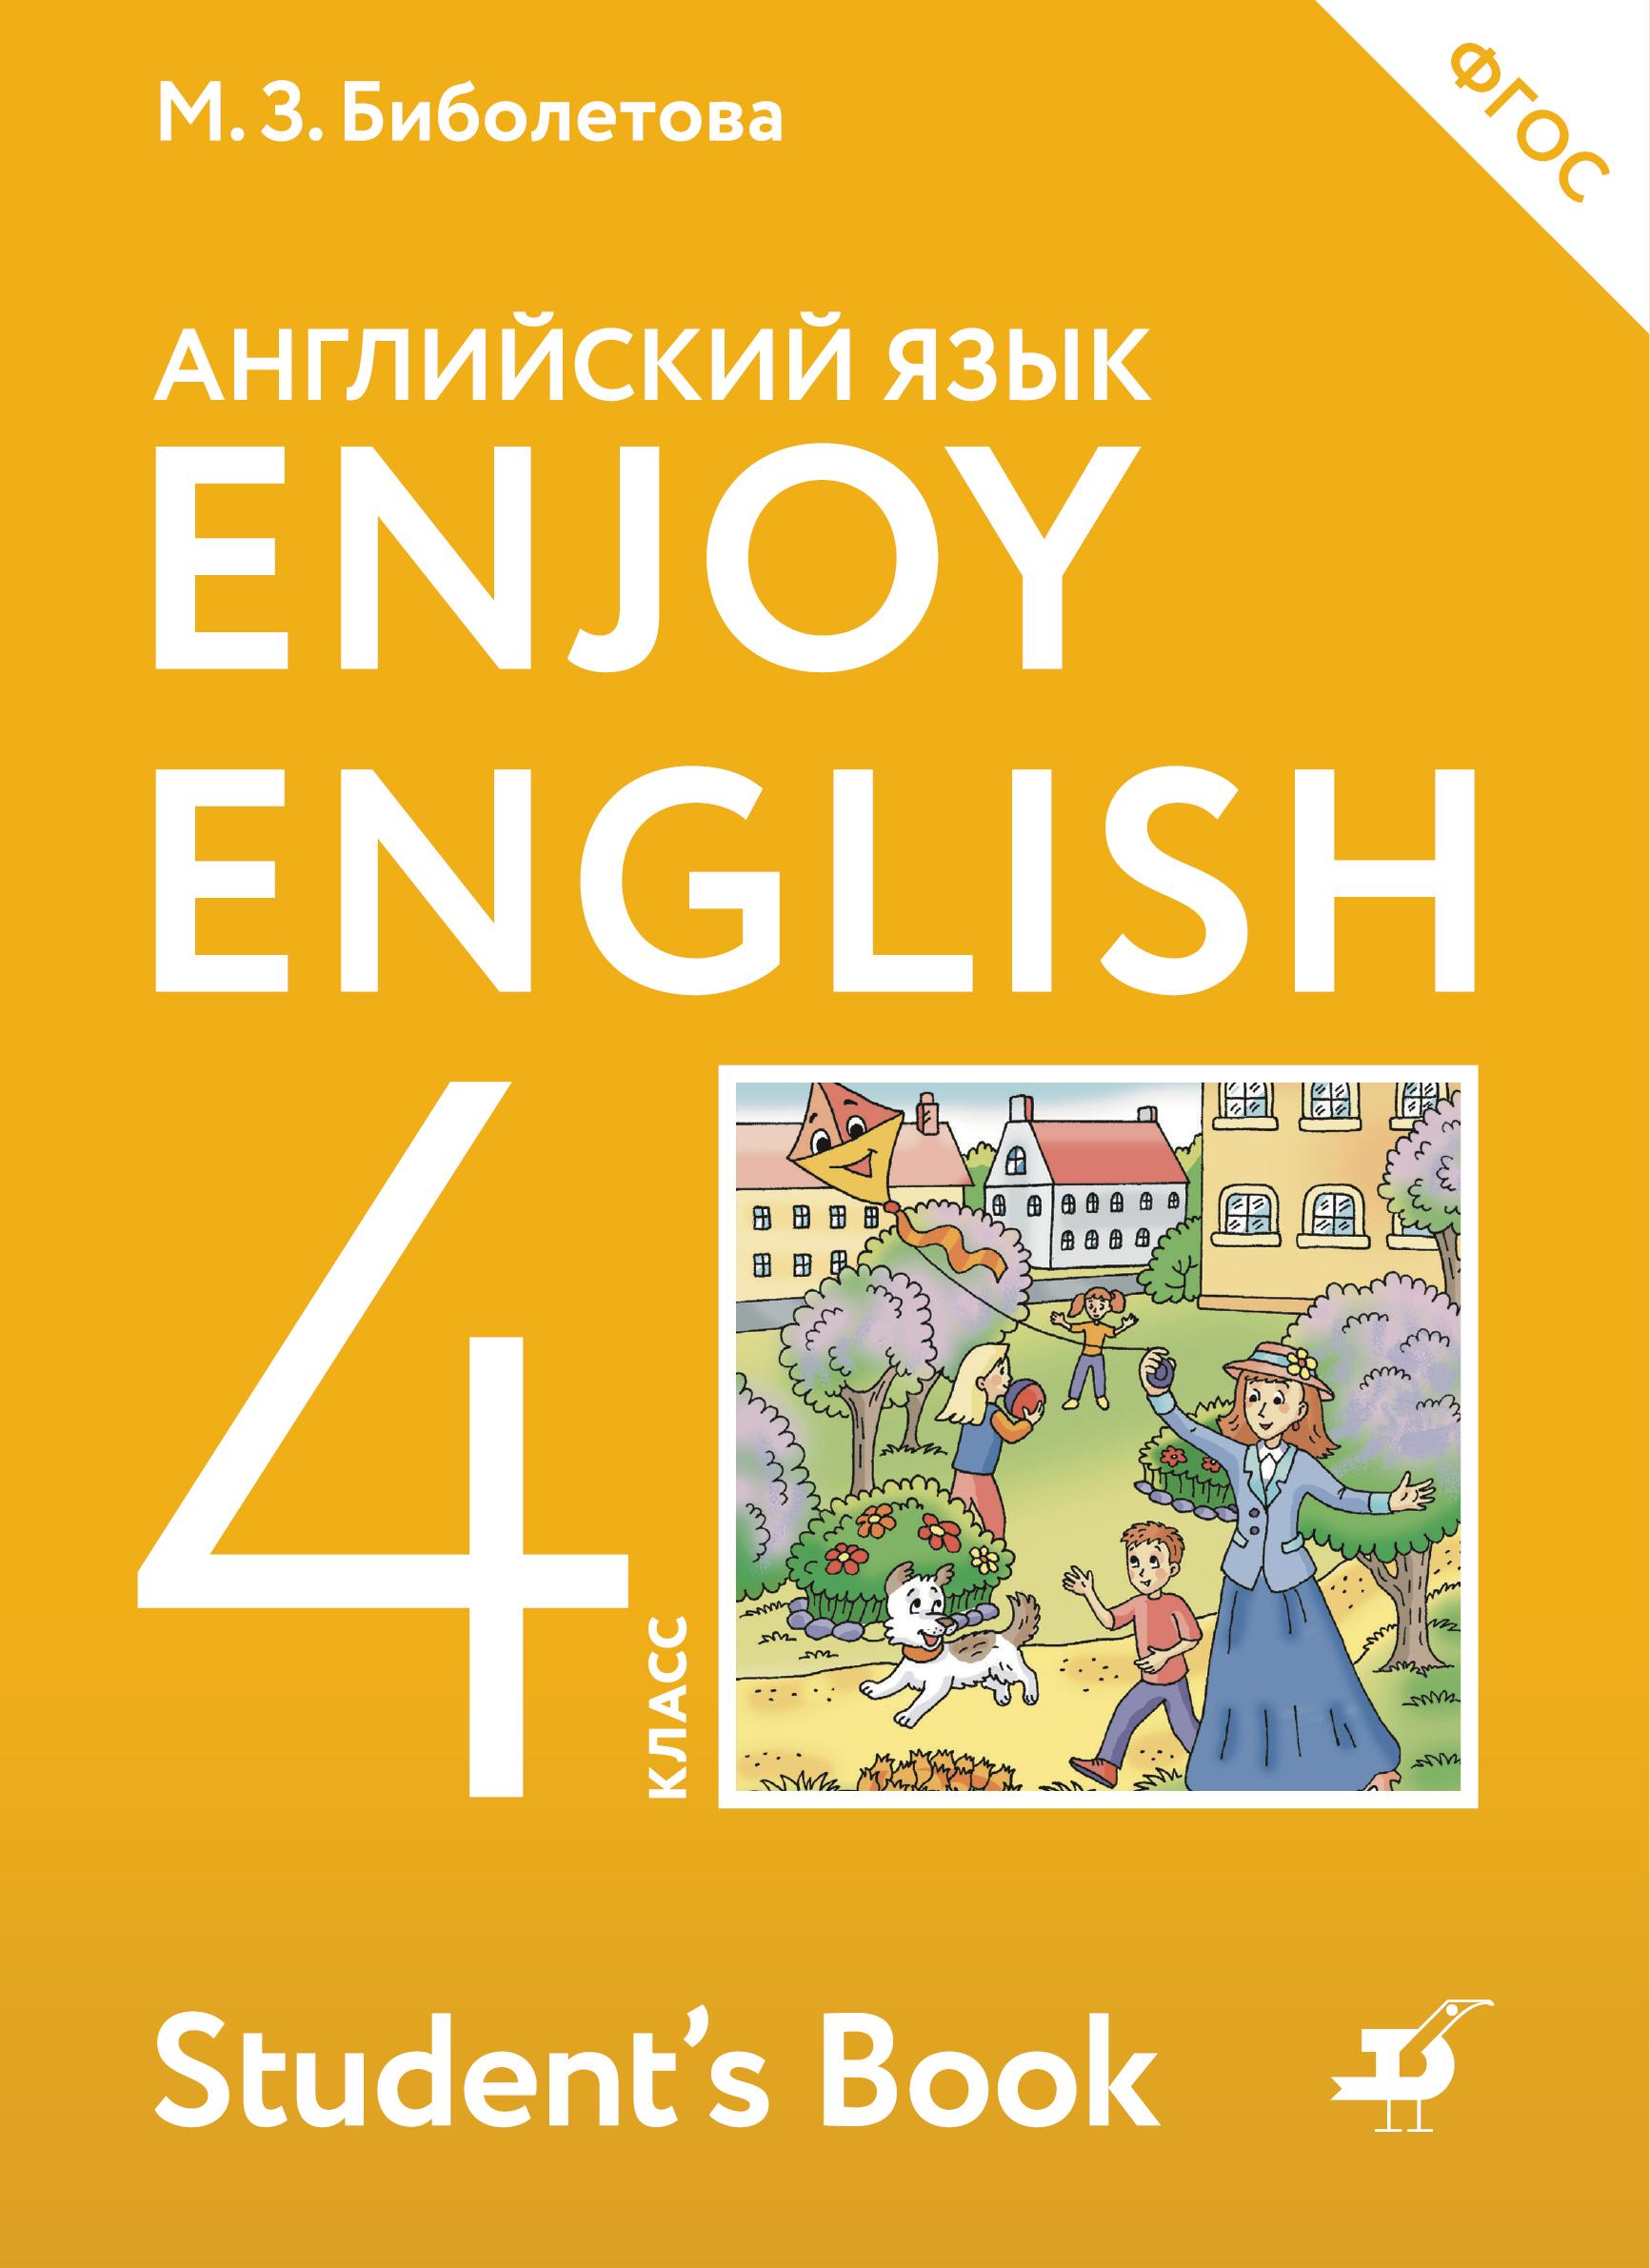 Enjoy English/Английский с удовольствием. 4 класс. Учебник ( Биболетова М.З., Денисенко О.А., Трубанева Н.Н.  )